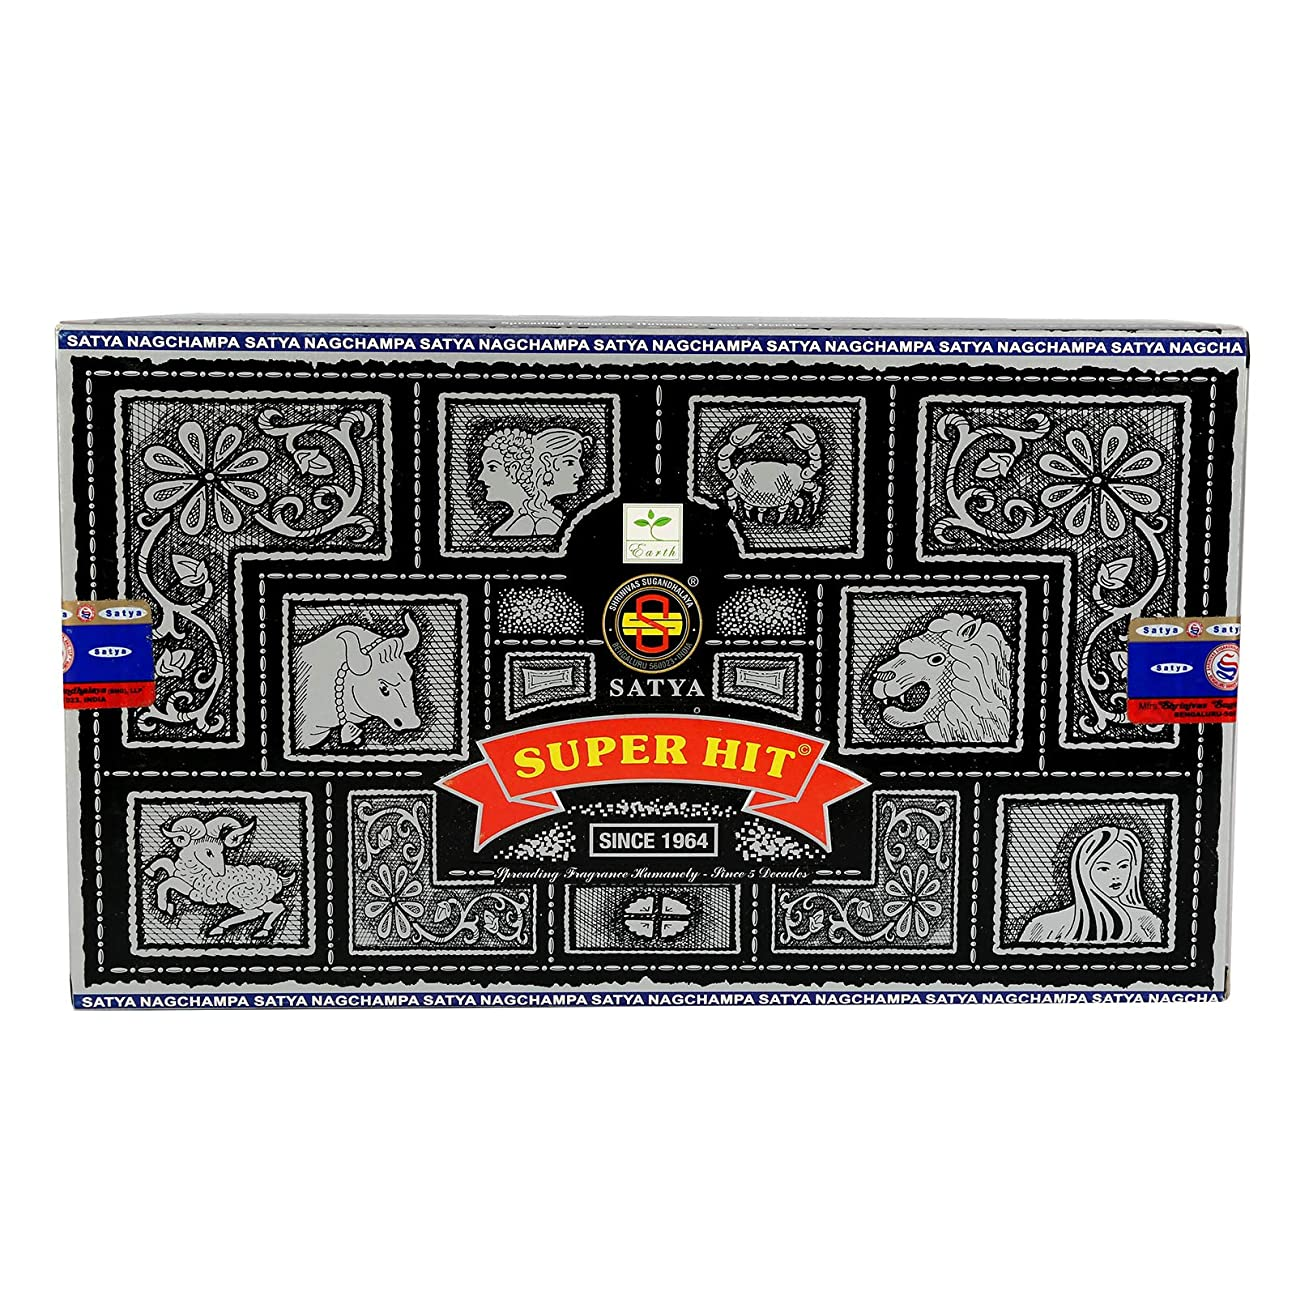 図改善情緒的CRAFTSTRIBE Satya Sai Baba オリジナルお香 ハンドメイド マサラ アガーバティ Pack of 12 Pcs CT-INS-09